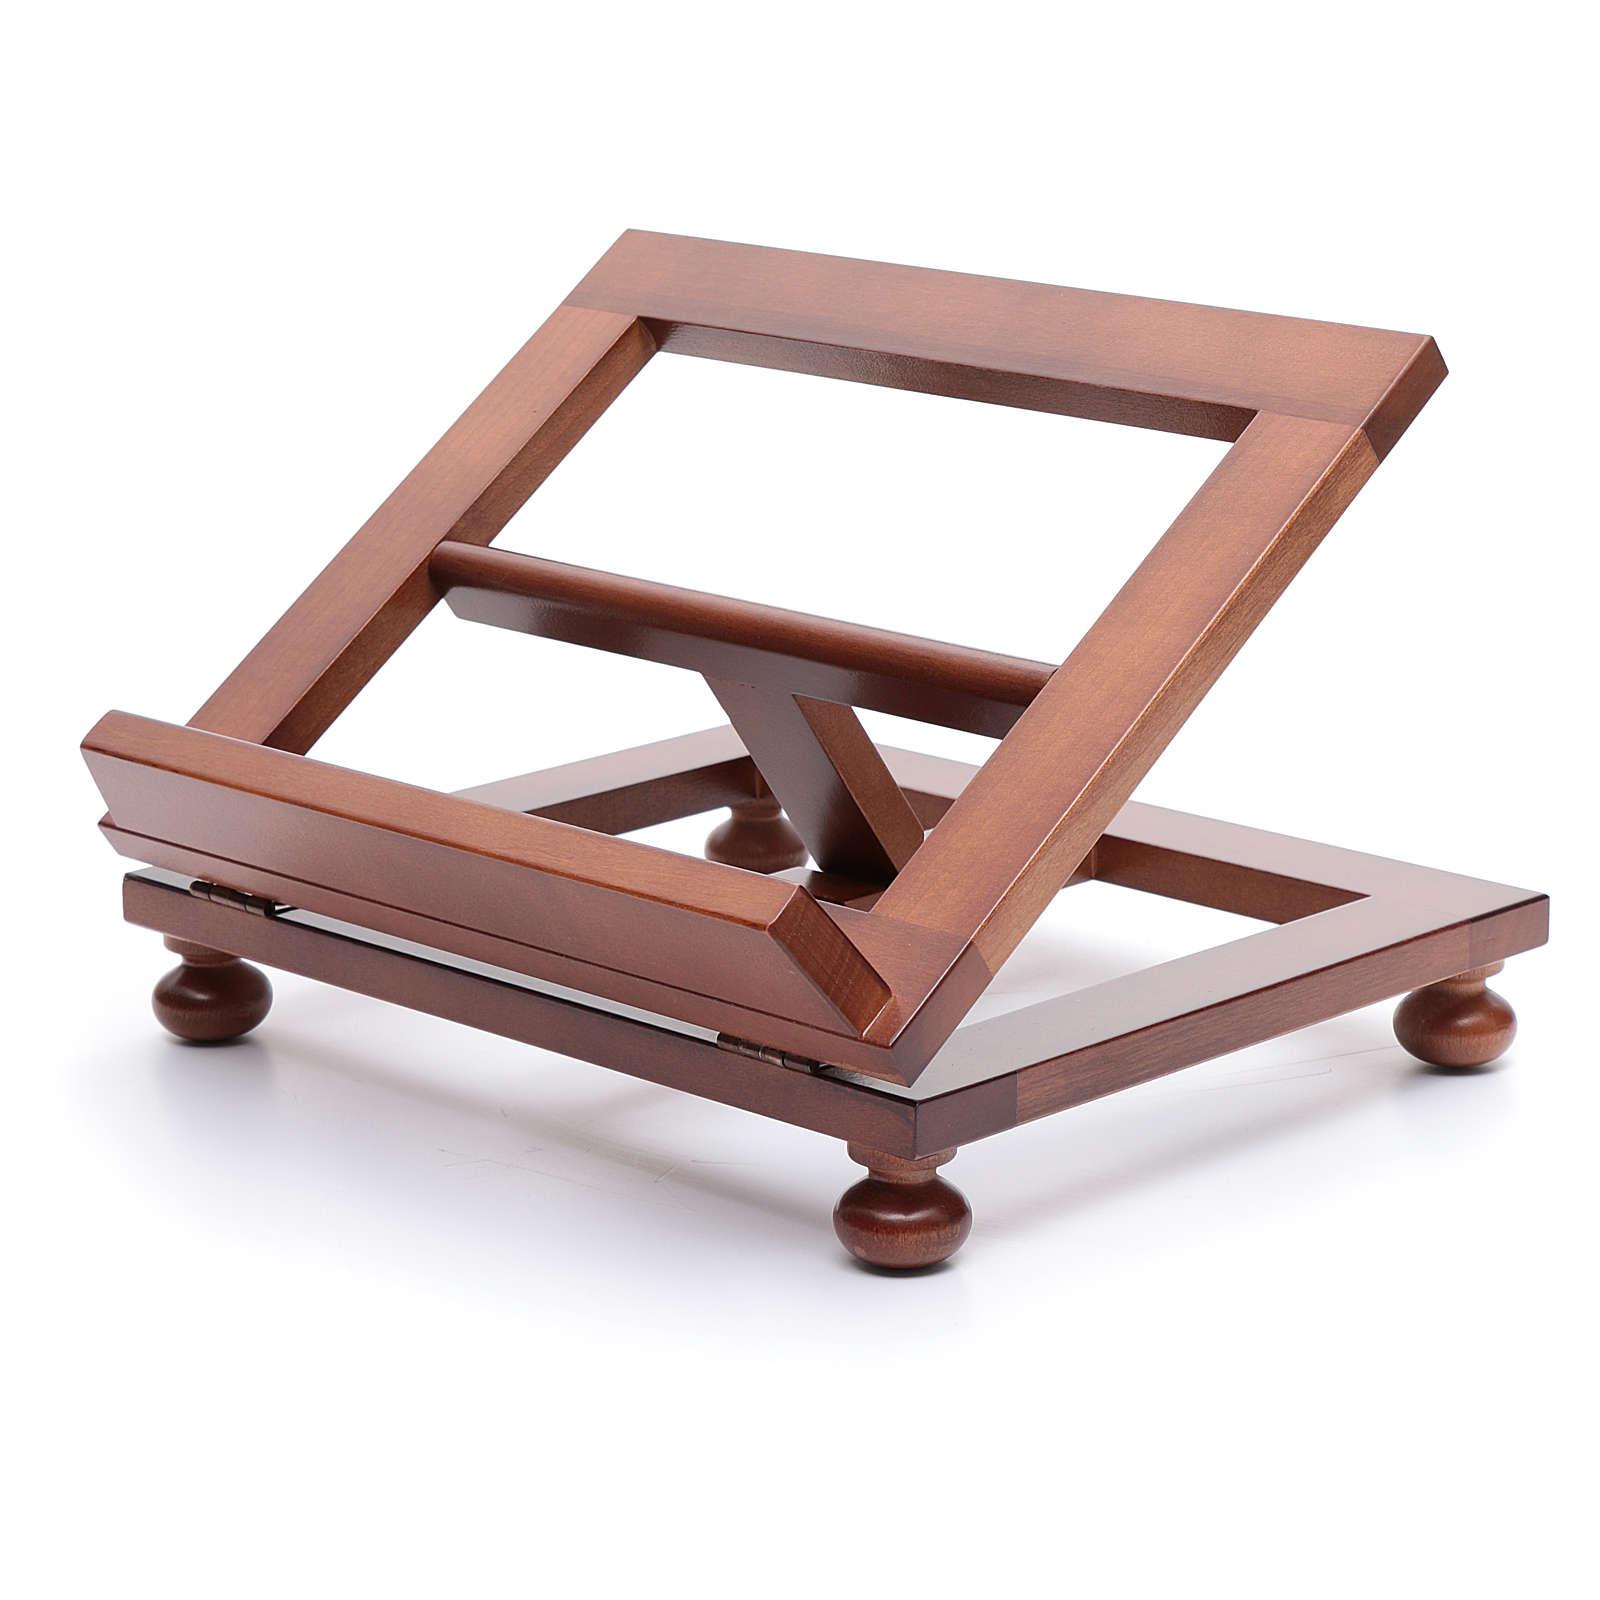 Leggio da tavolo legno noce 30x24 cm 4